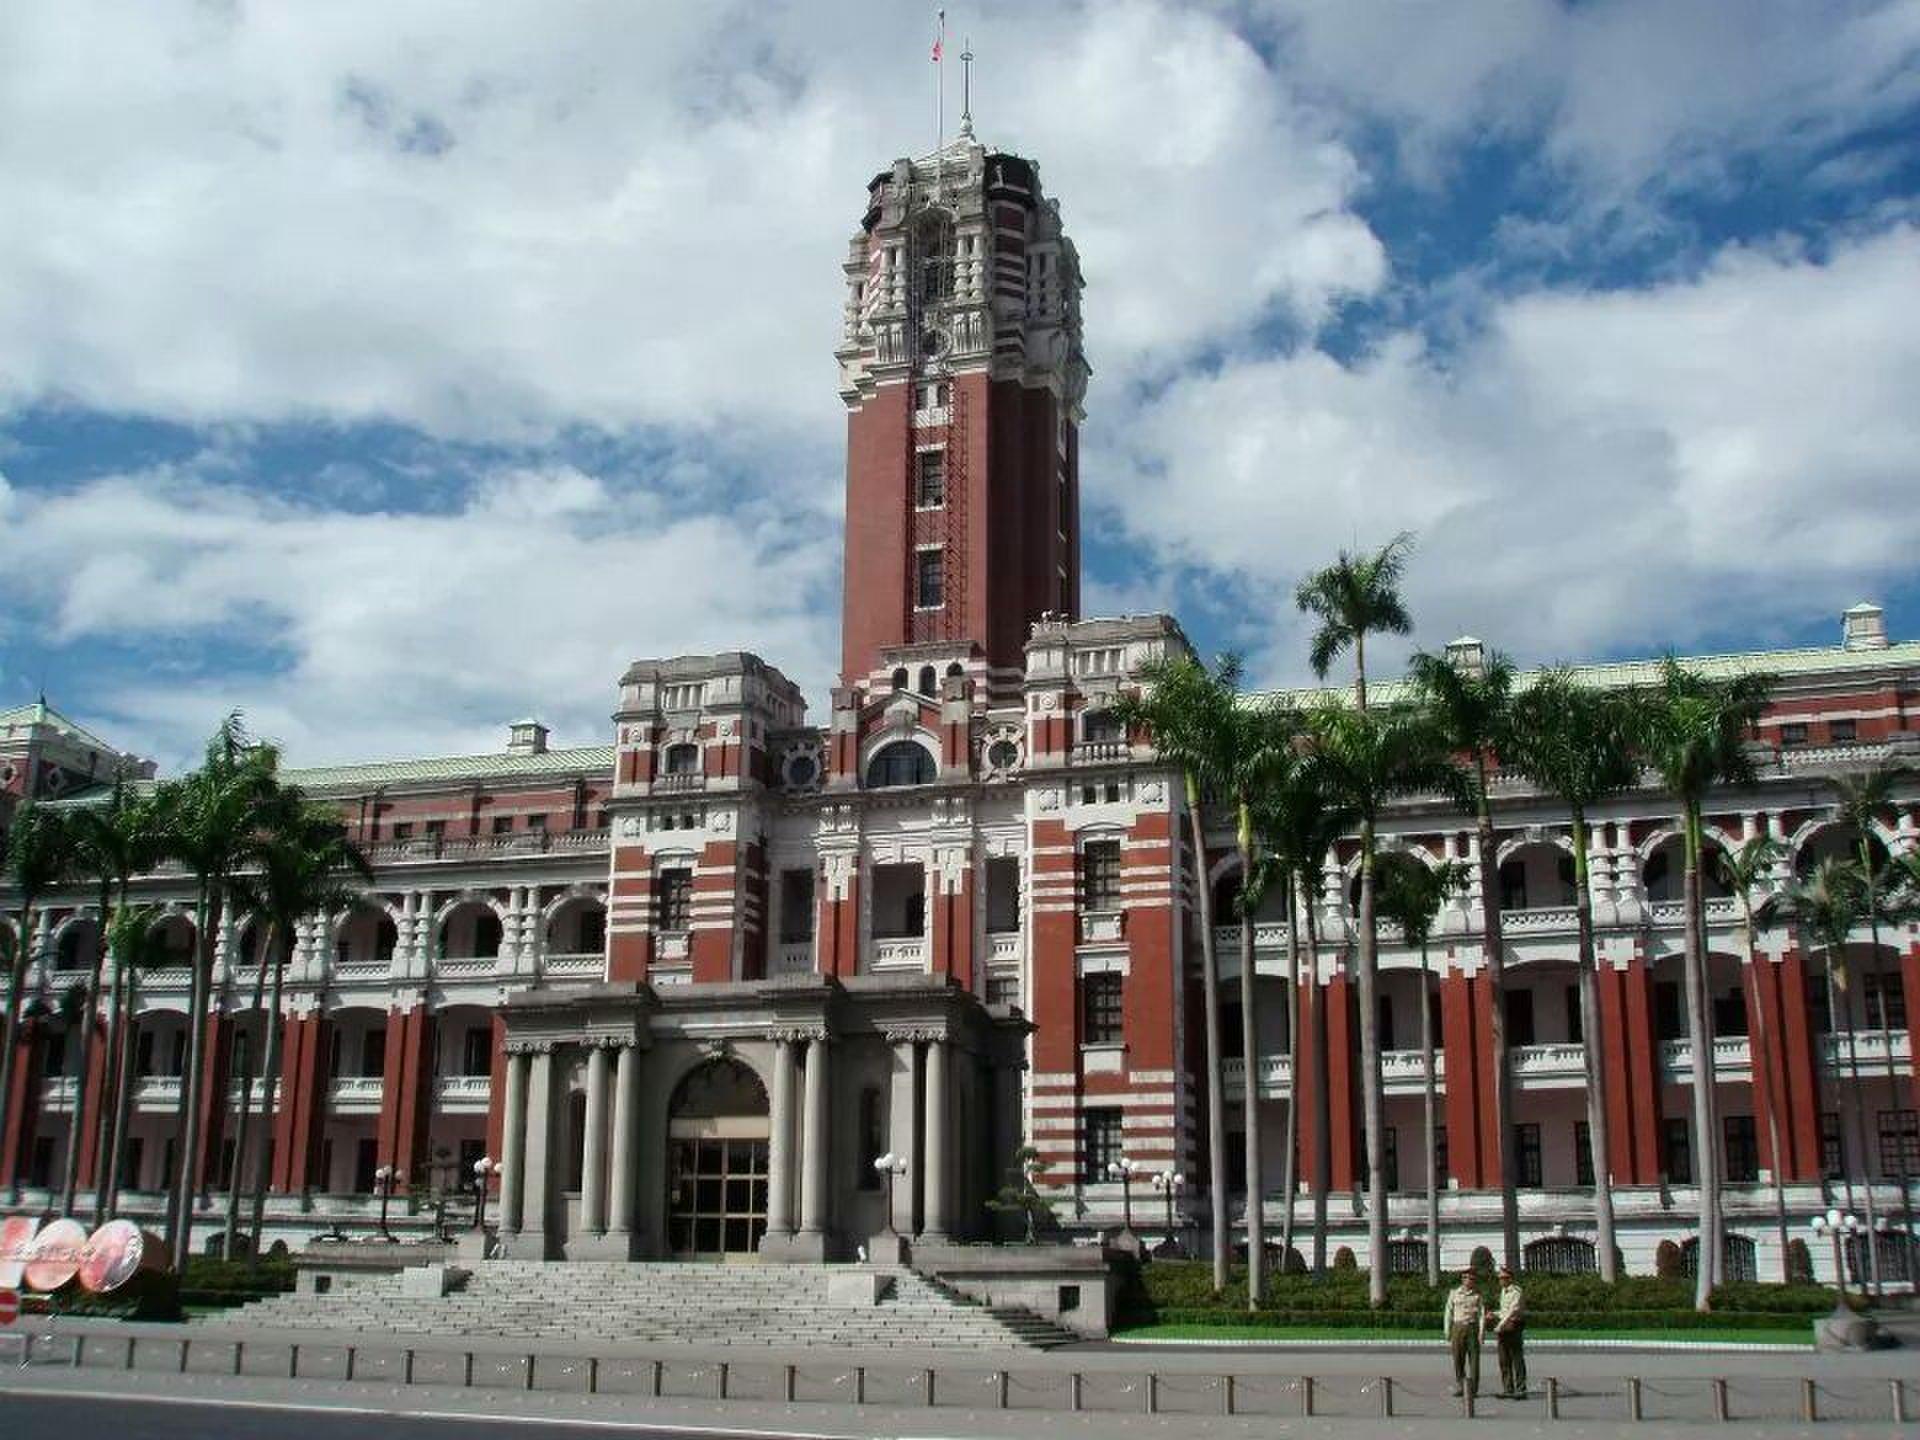 1日で台北の有名な観光地を巡る!台湾総督府→台北101→故宮博物院コース